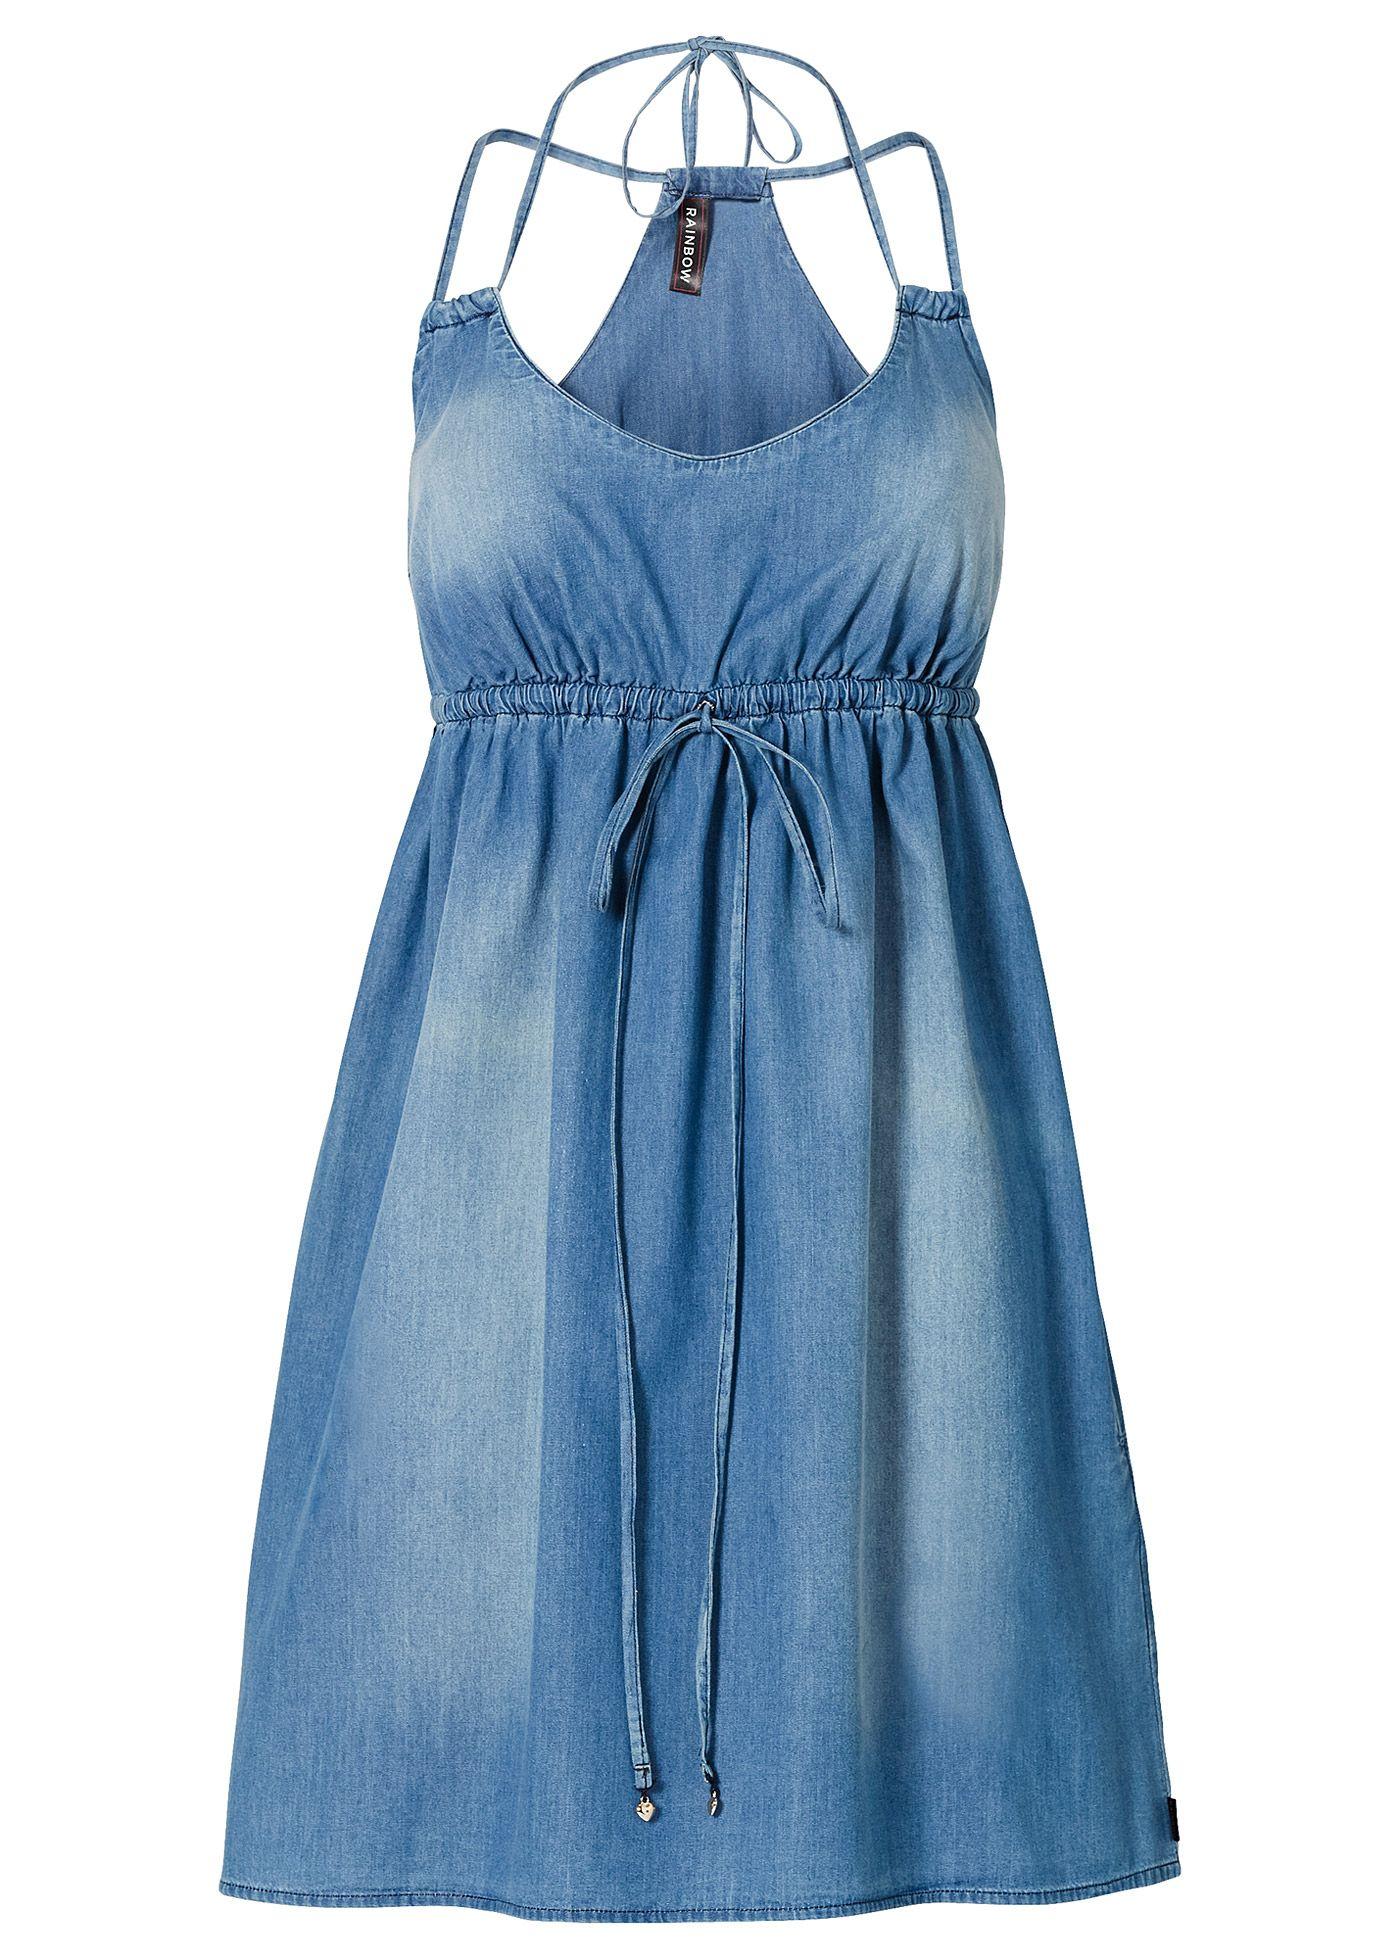 b9b0b38397c6 Vestido jeans azul estonado encomendar agora na loja on-line bonprix.de R$  129,00 a partir de Vestido jeans deslumbrante, com decote V profundo e  alças .